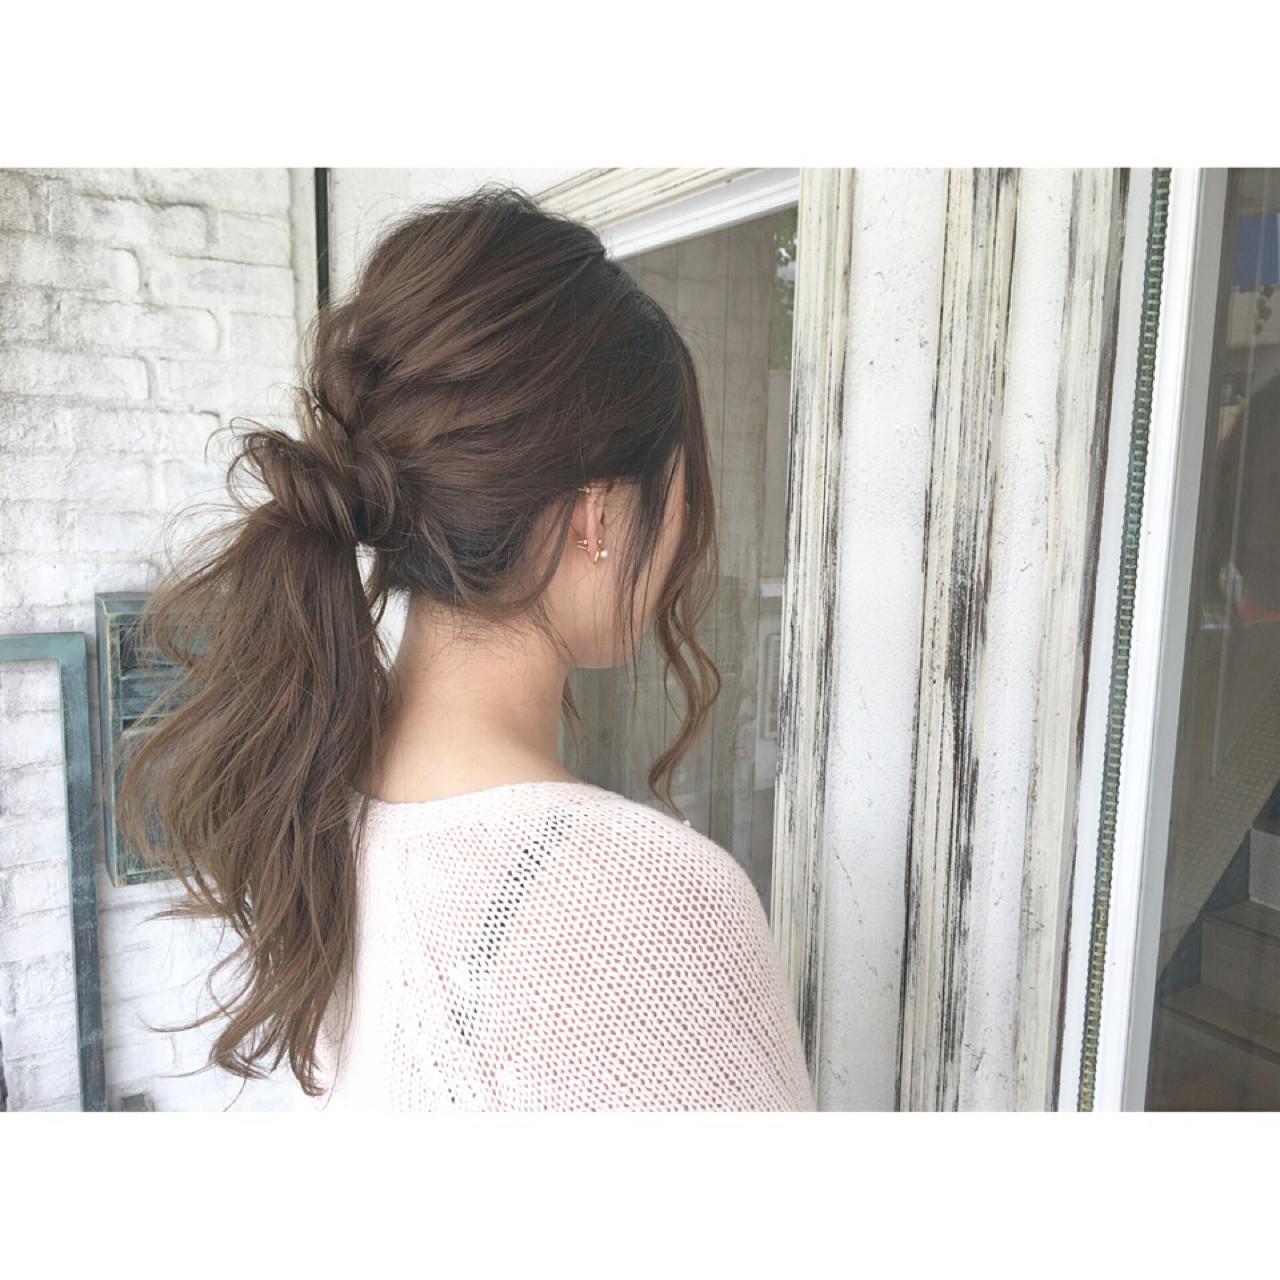 ポニーテール ヘアアレンジ エフォートレス 簡単ヘアアレンジ ヘアスタイルや髪型の写真・画像